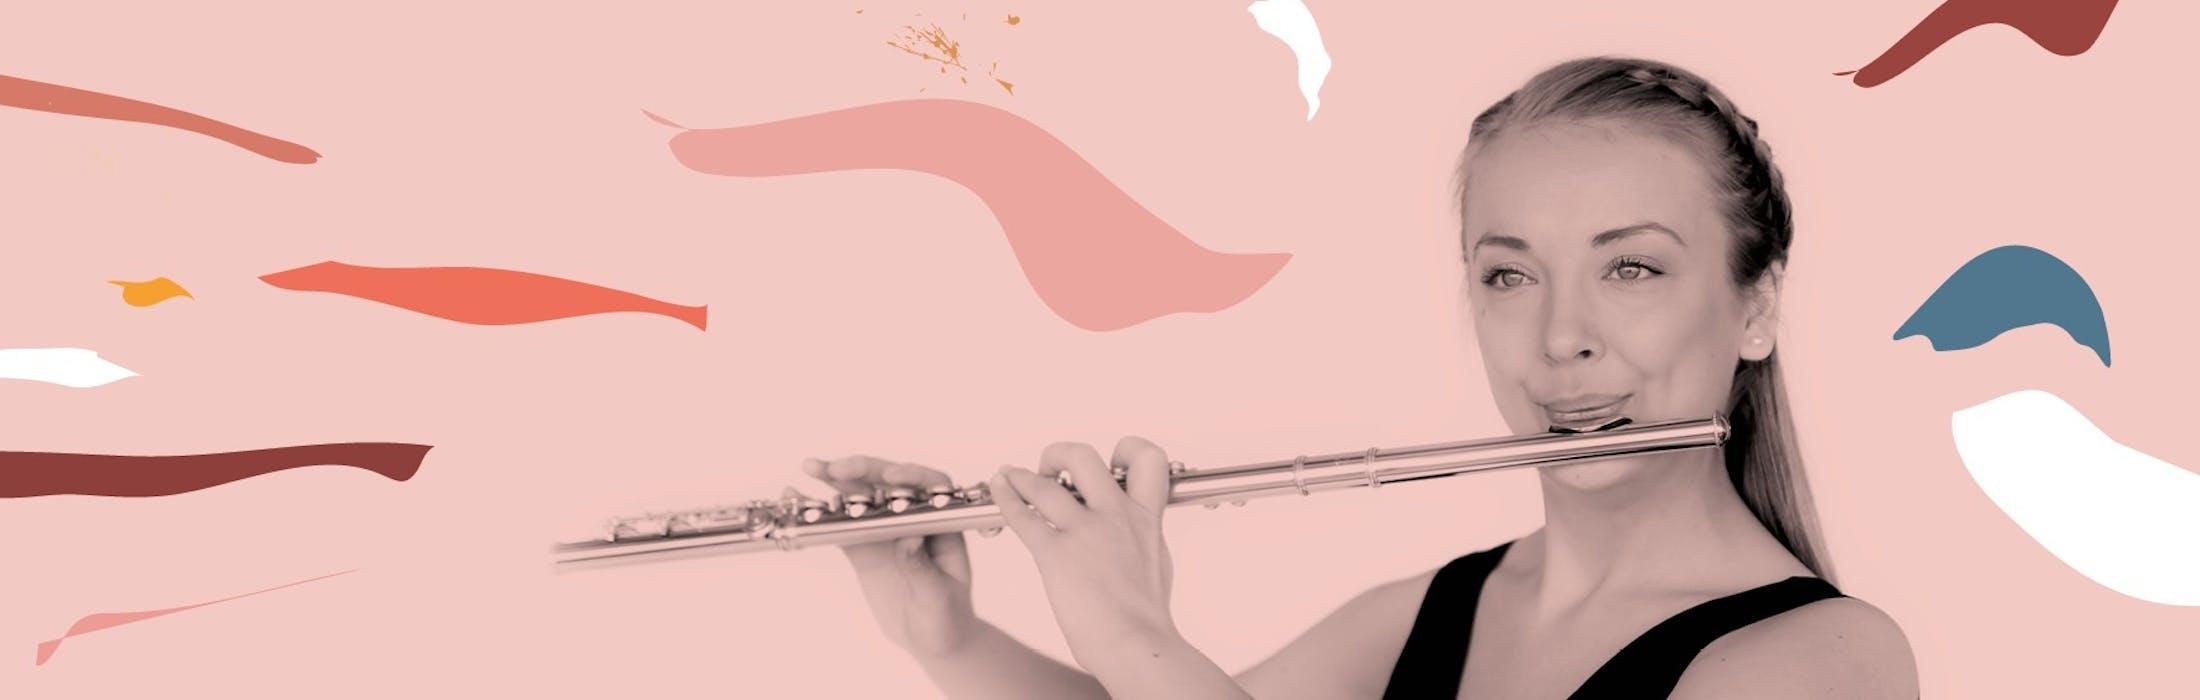 Kristin Hammerseth fløyte